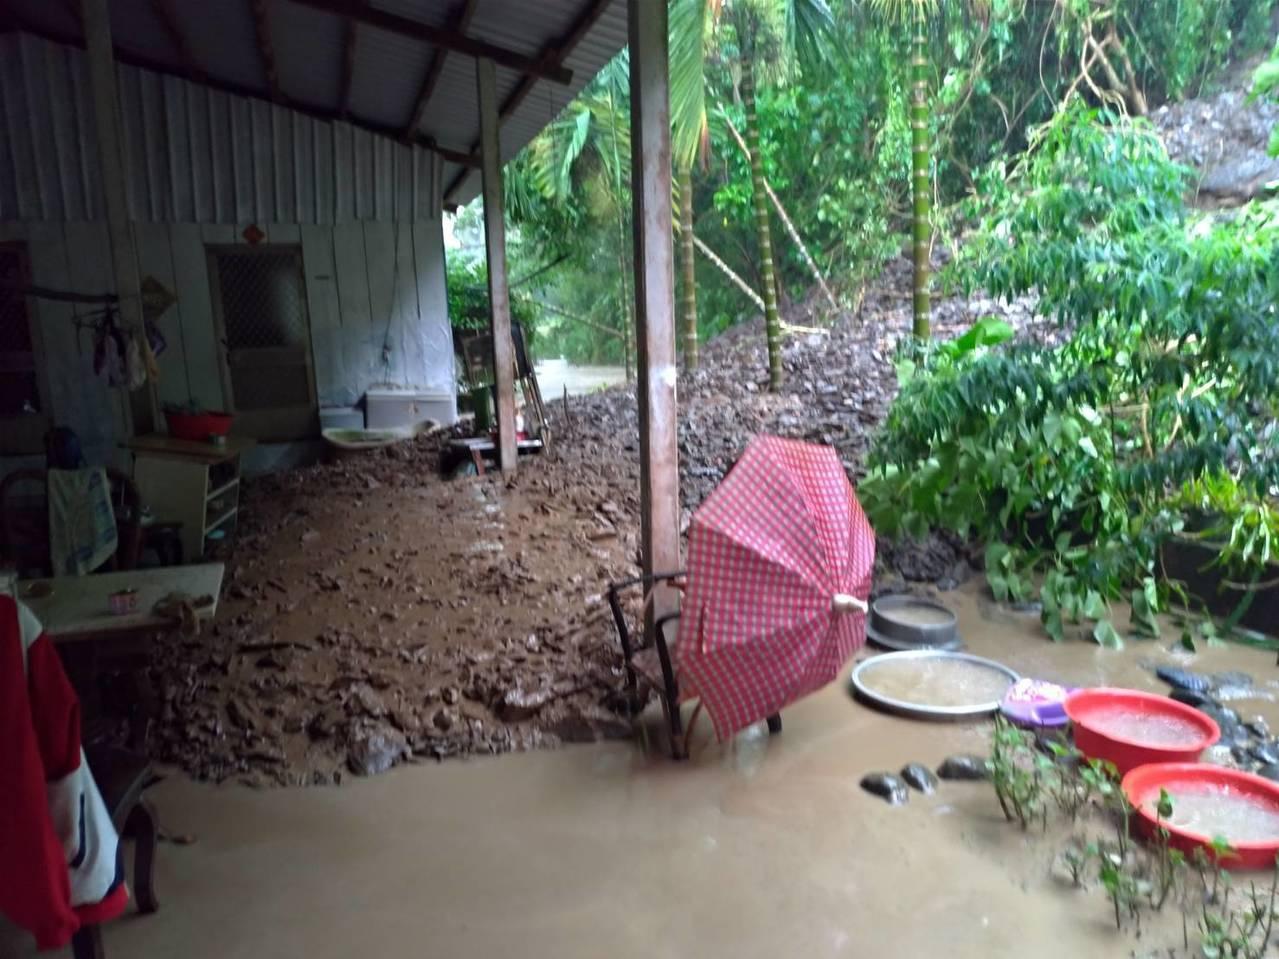 台27線六龜大津里邊坡土石下滑至民宅,所幸屋內無人。記者徐白櫻/翻攝